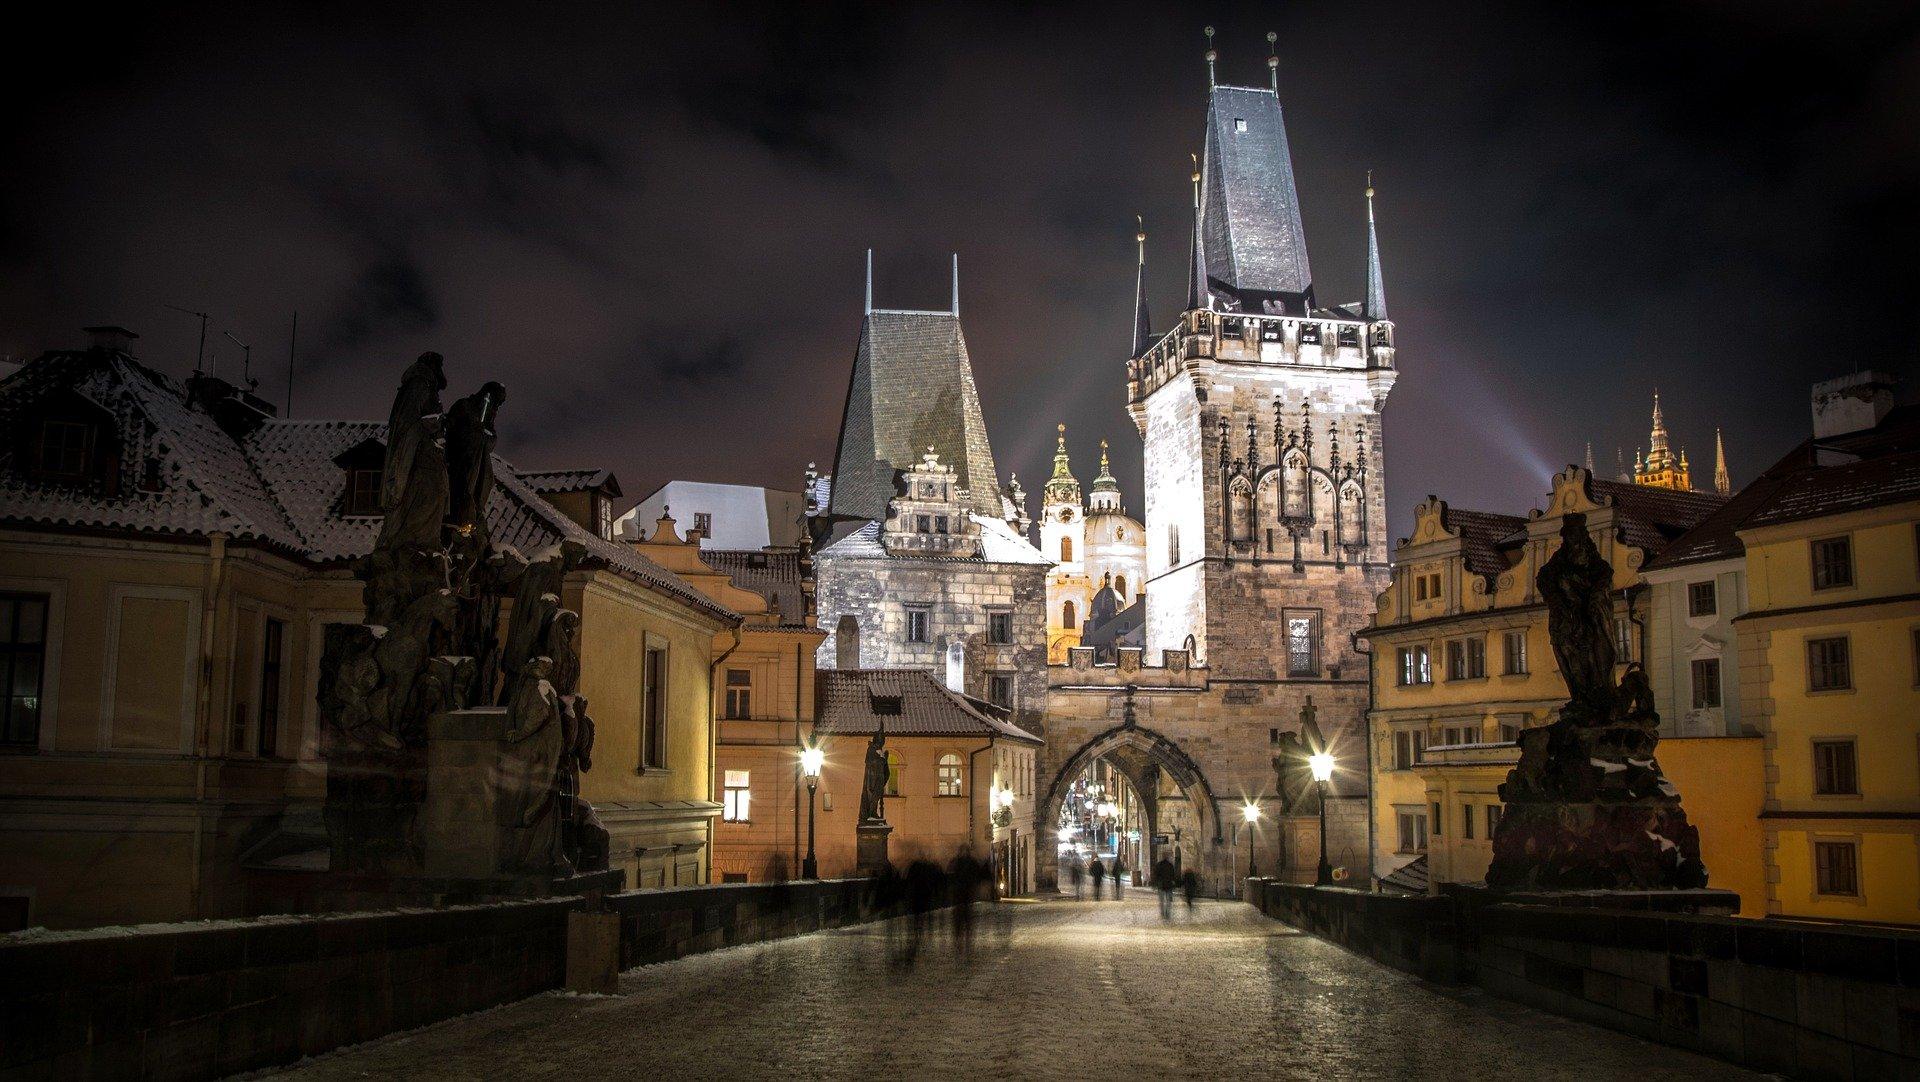 Премьер-министр Чехии заявил о надвигающейся на страну катастрофе из-за COVID-19. Фото: pixabay.com